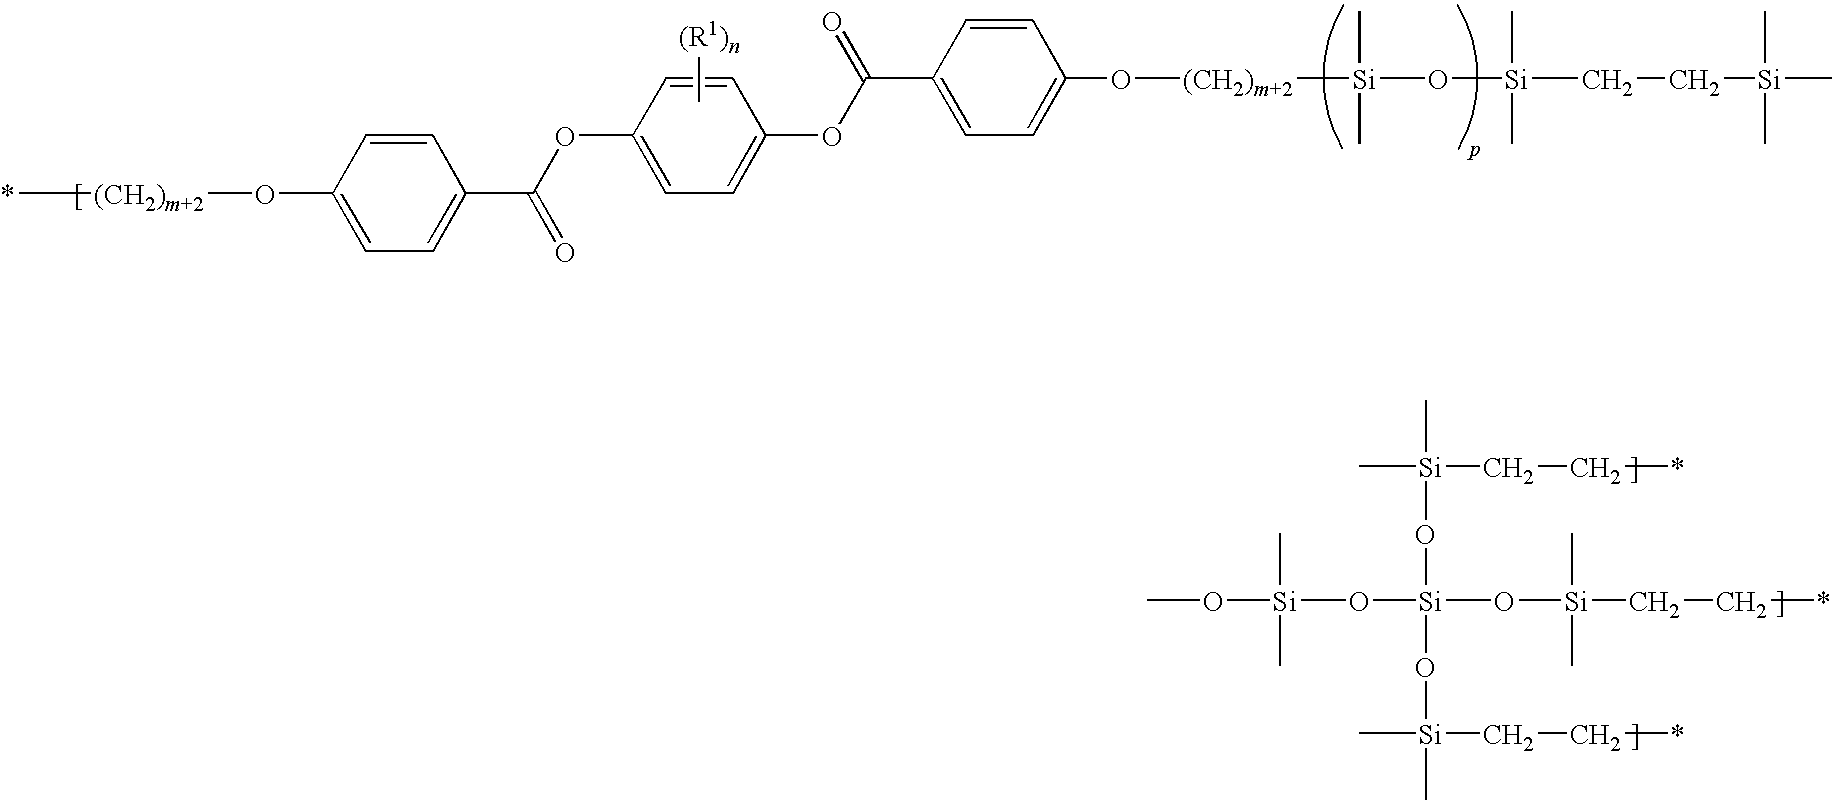 Figure US20090240075A1-20090924-C00017